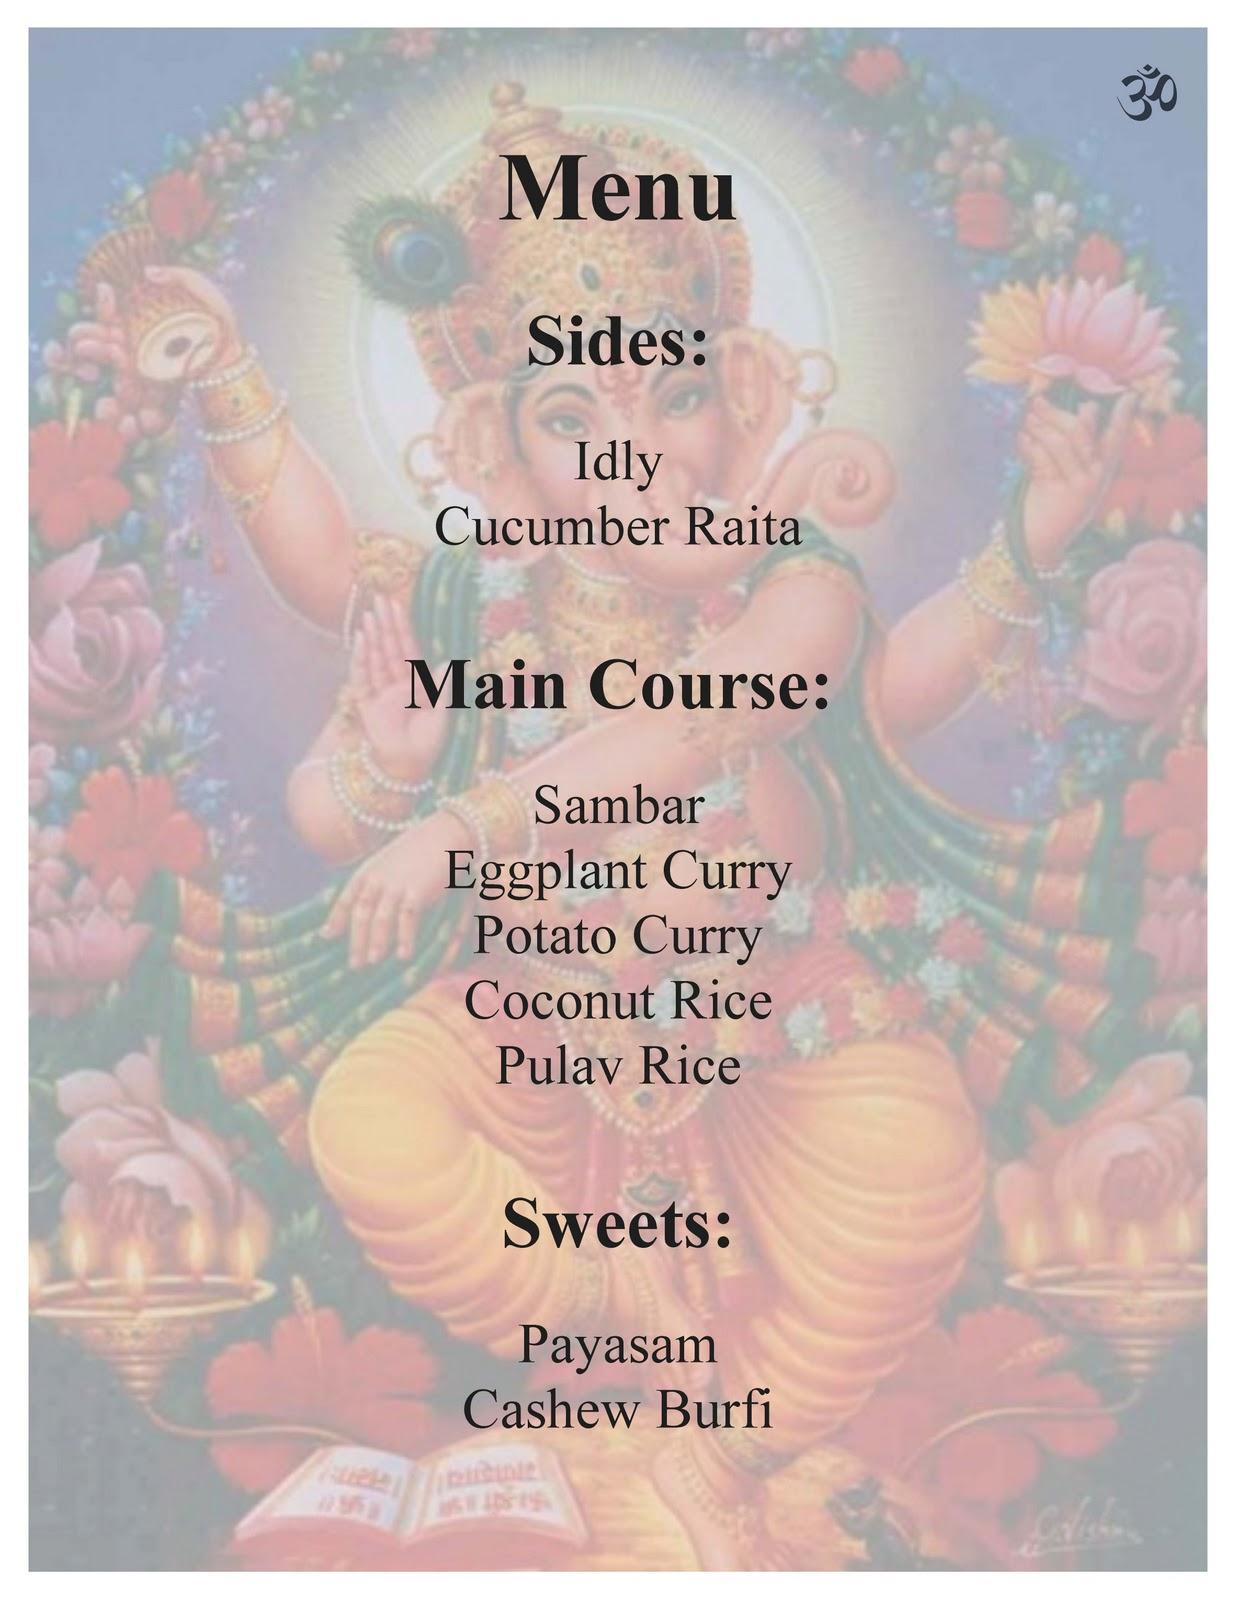 Joy Indian Food Menu